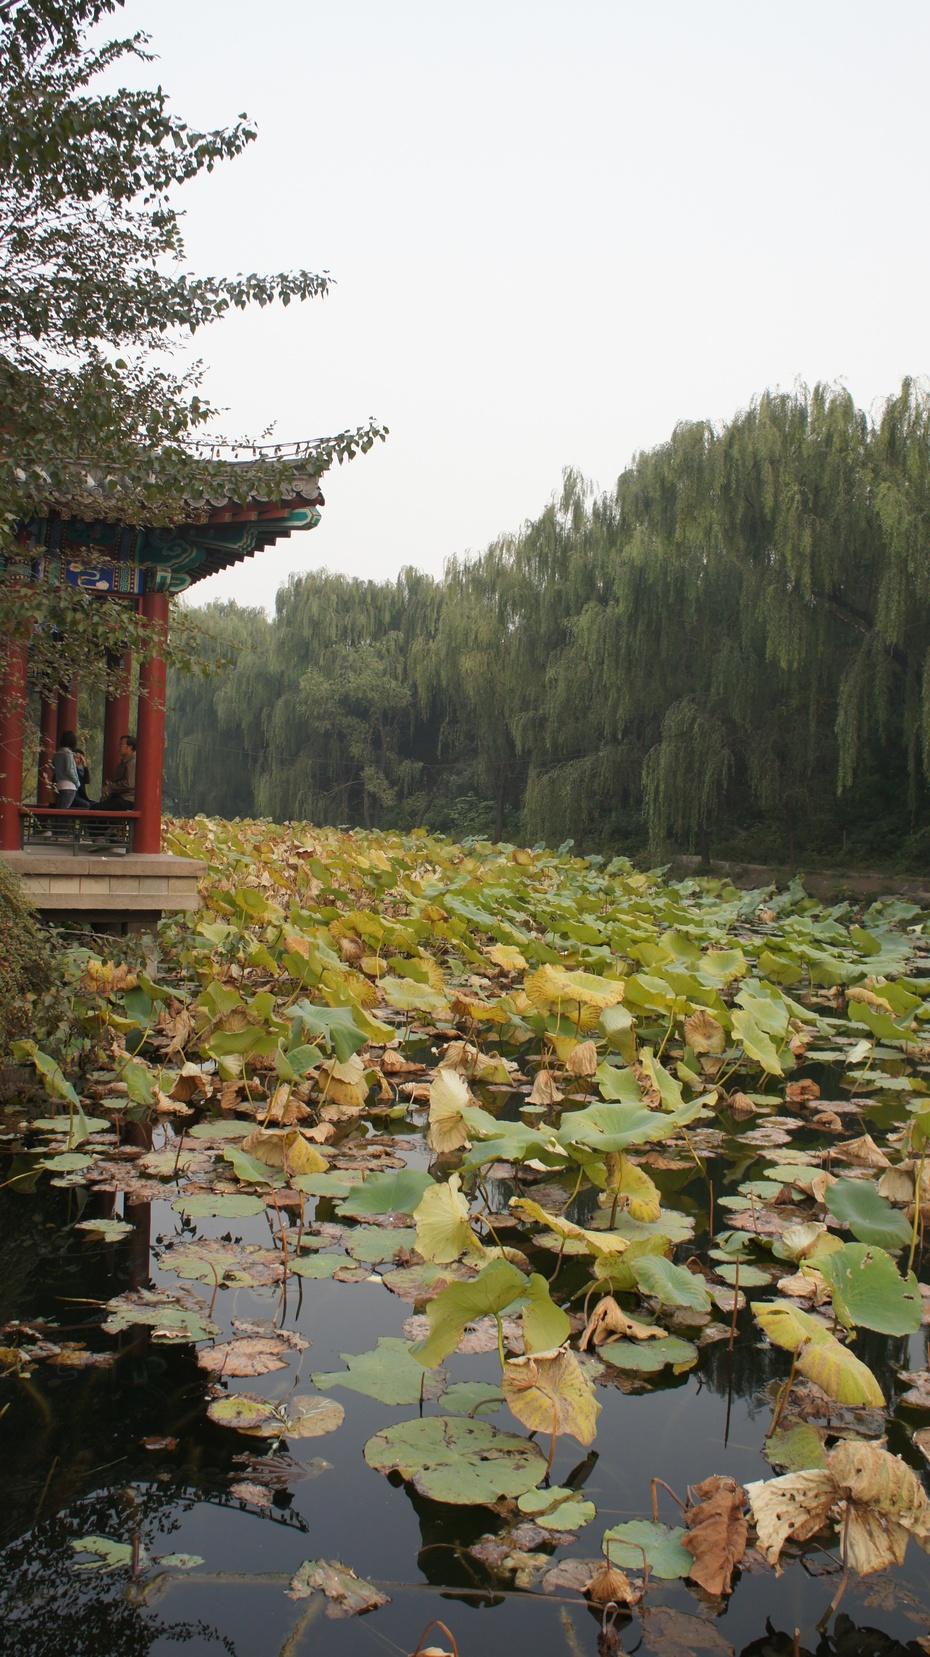 清华大学近春园:朱自清笔下的荷塘秋色 - 余昌国 - 我的博客